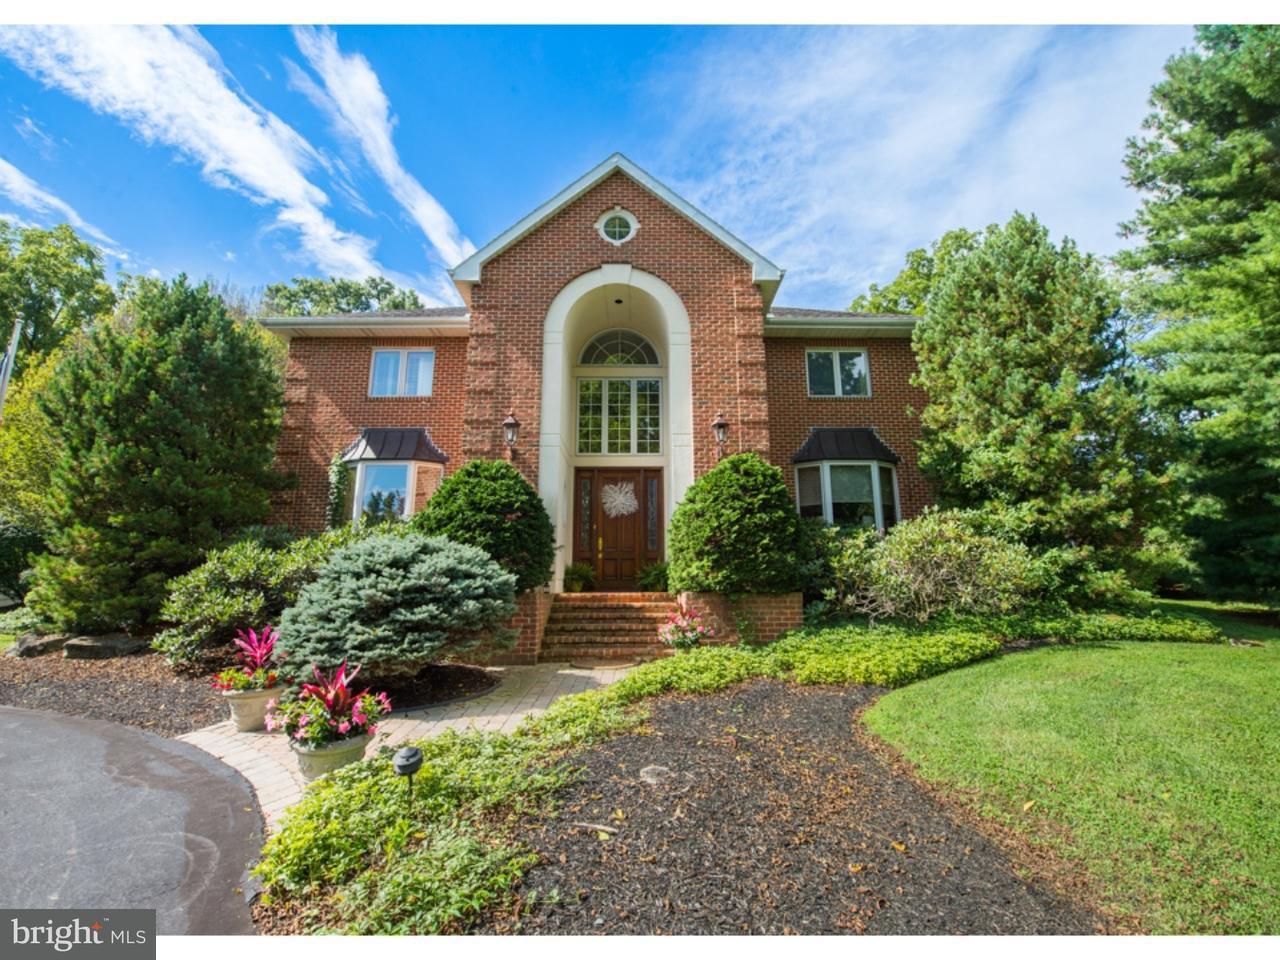 独户住宅 为 销售 在 1902 WOODS HOLLOW Lane Allentown, 宾夕法尼亚州 18103 美国